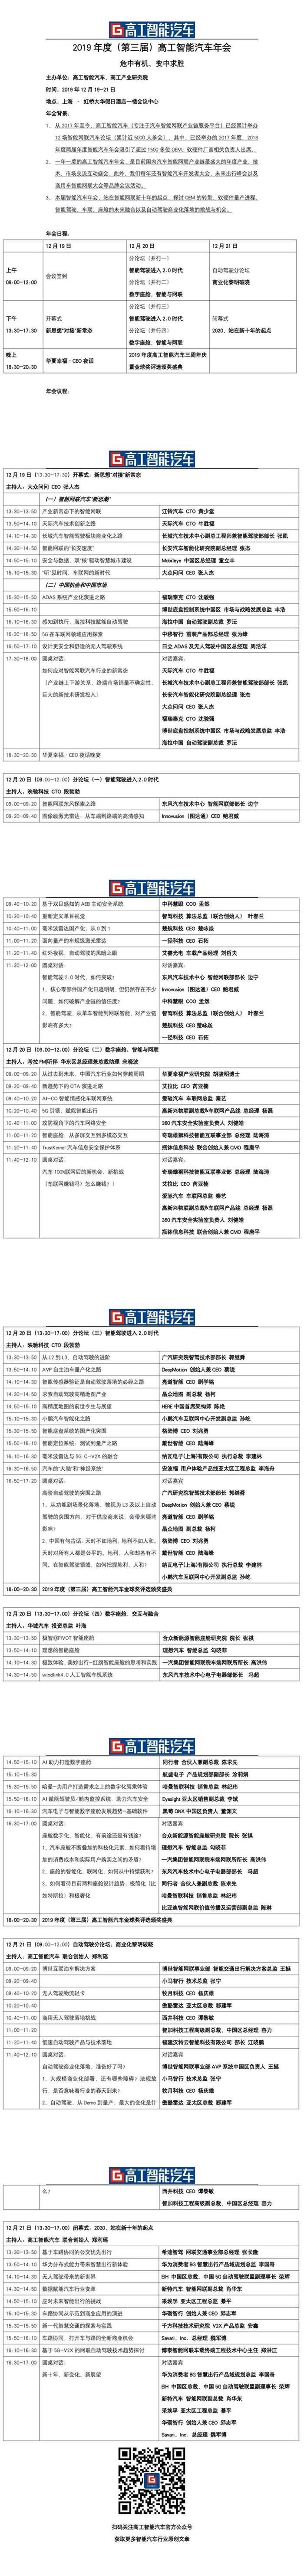 2019高工智能汽车年会_0.png